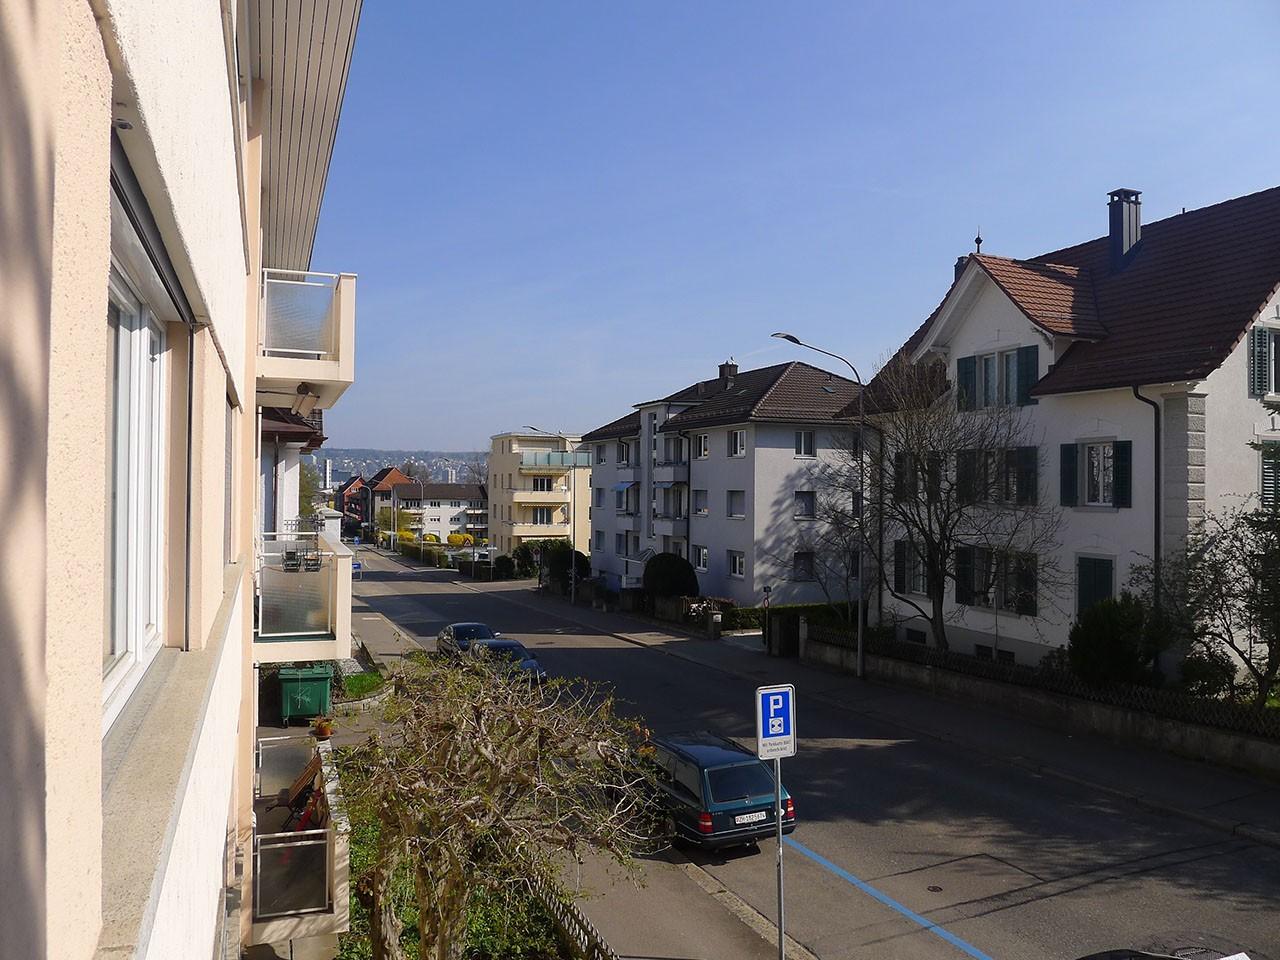 3 zimmer wohnung in z rich mieten flatfox for Wohnung mieten in